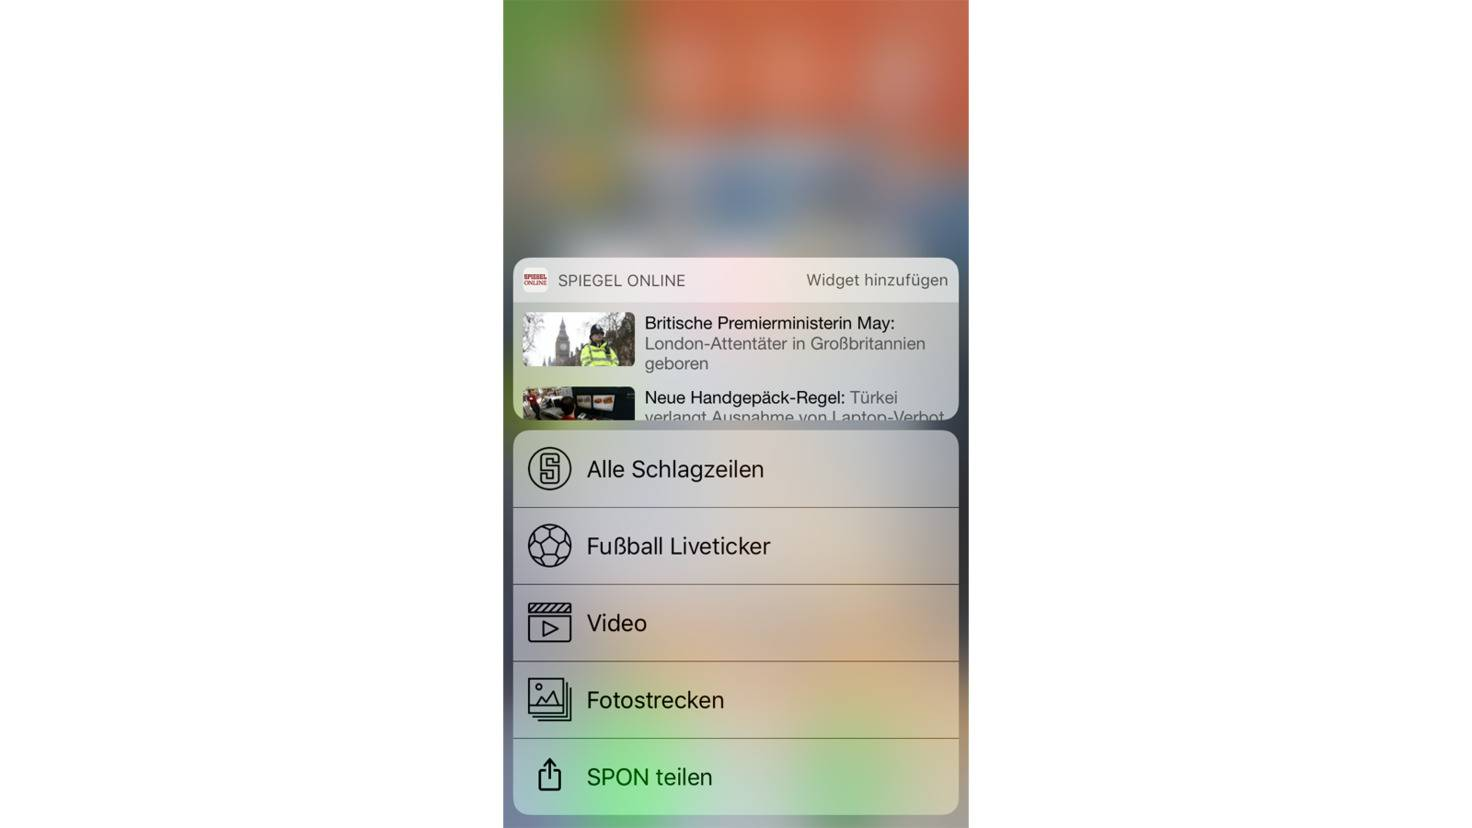 Auch per 3D-Touch lassen sich Widgets einstellen.